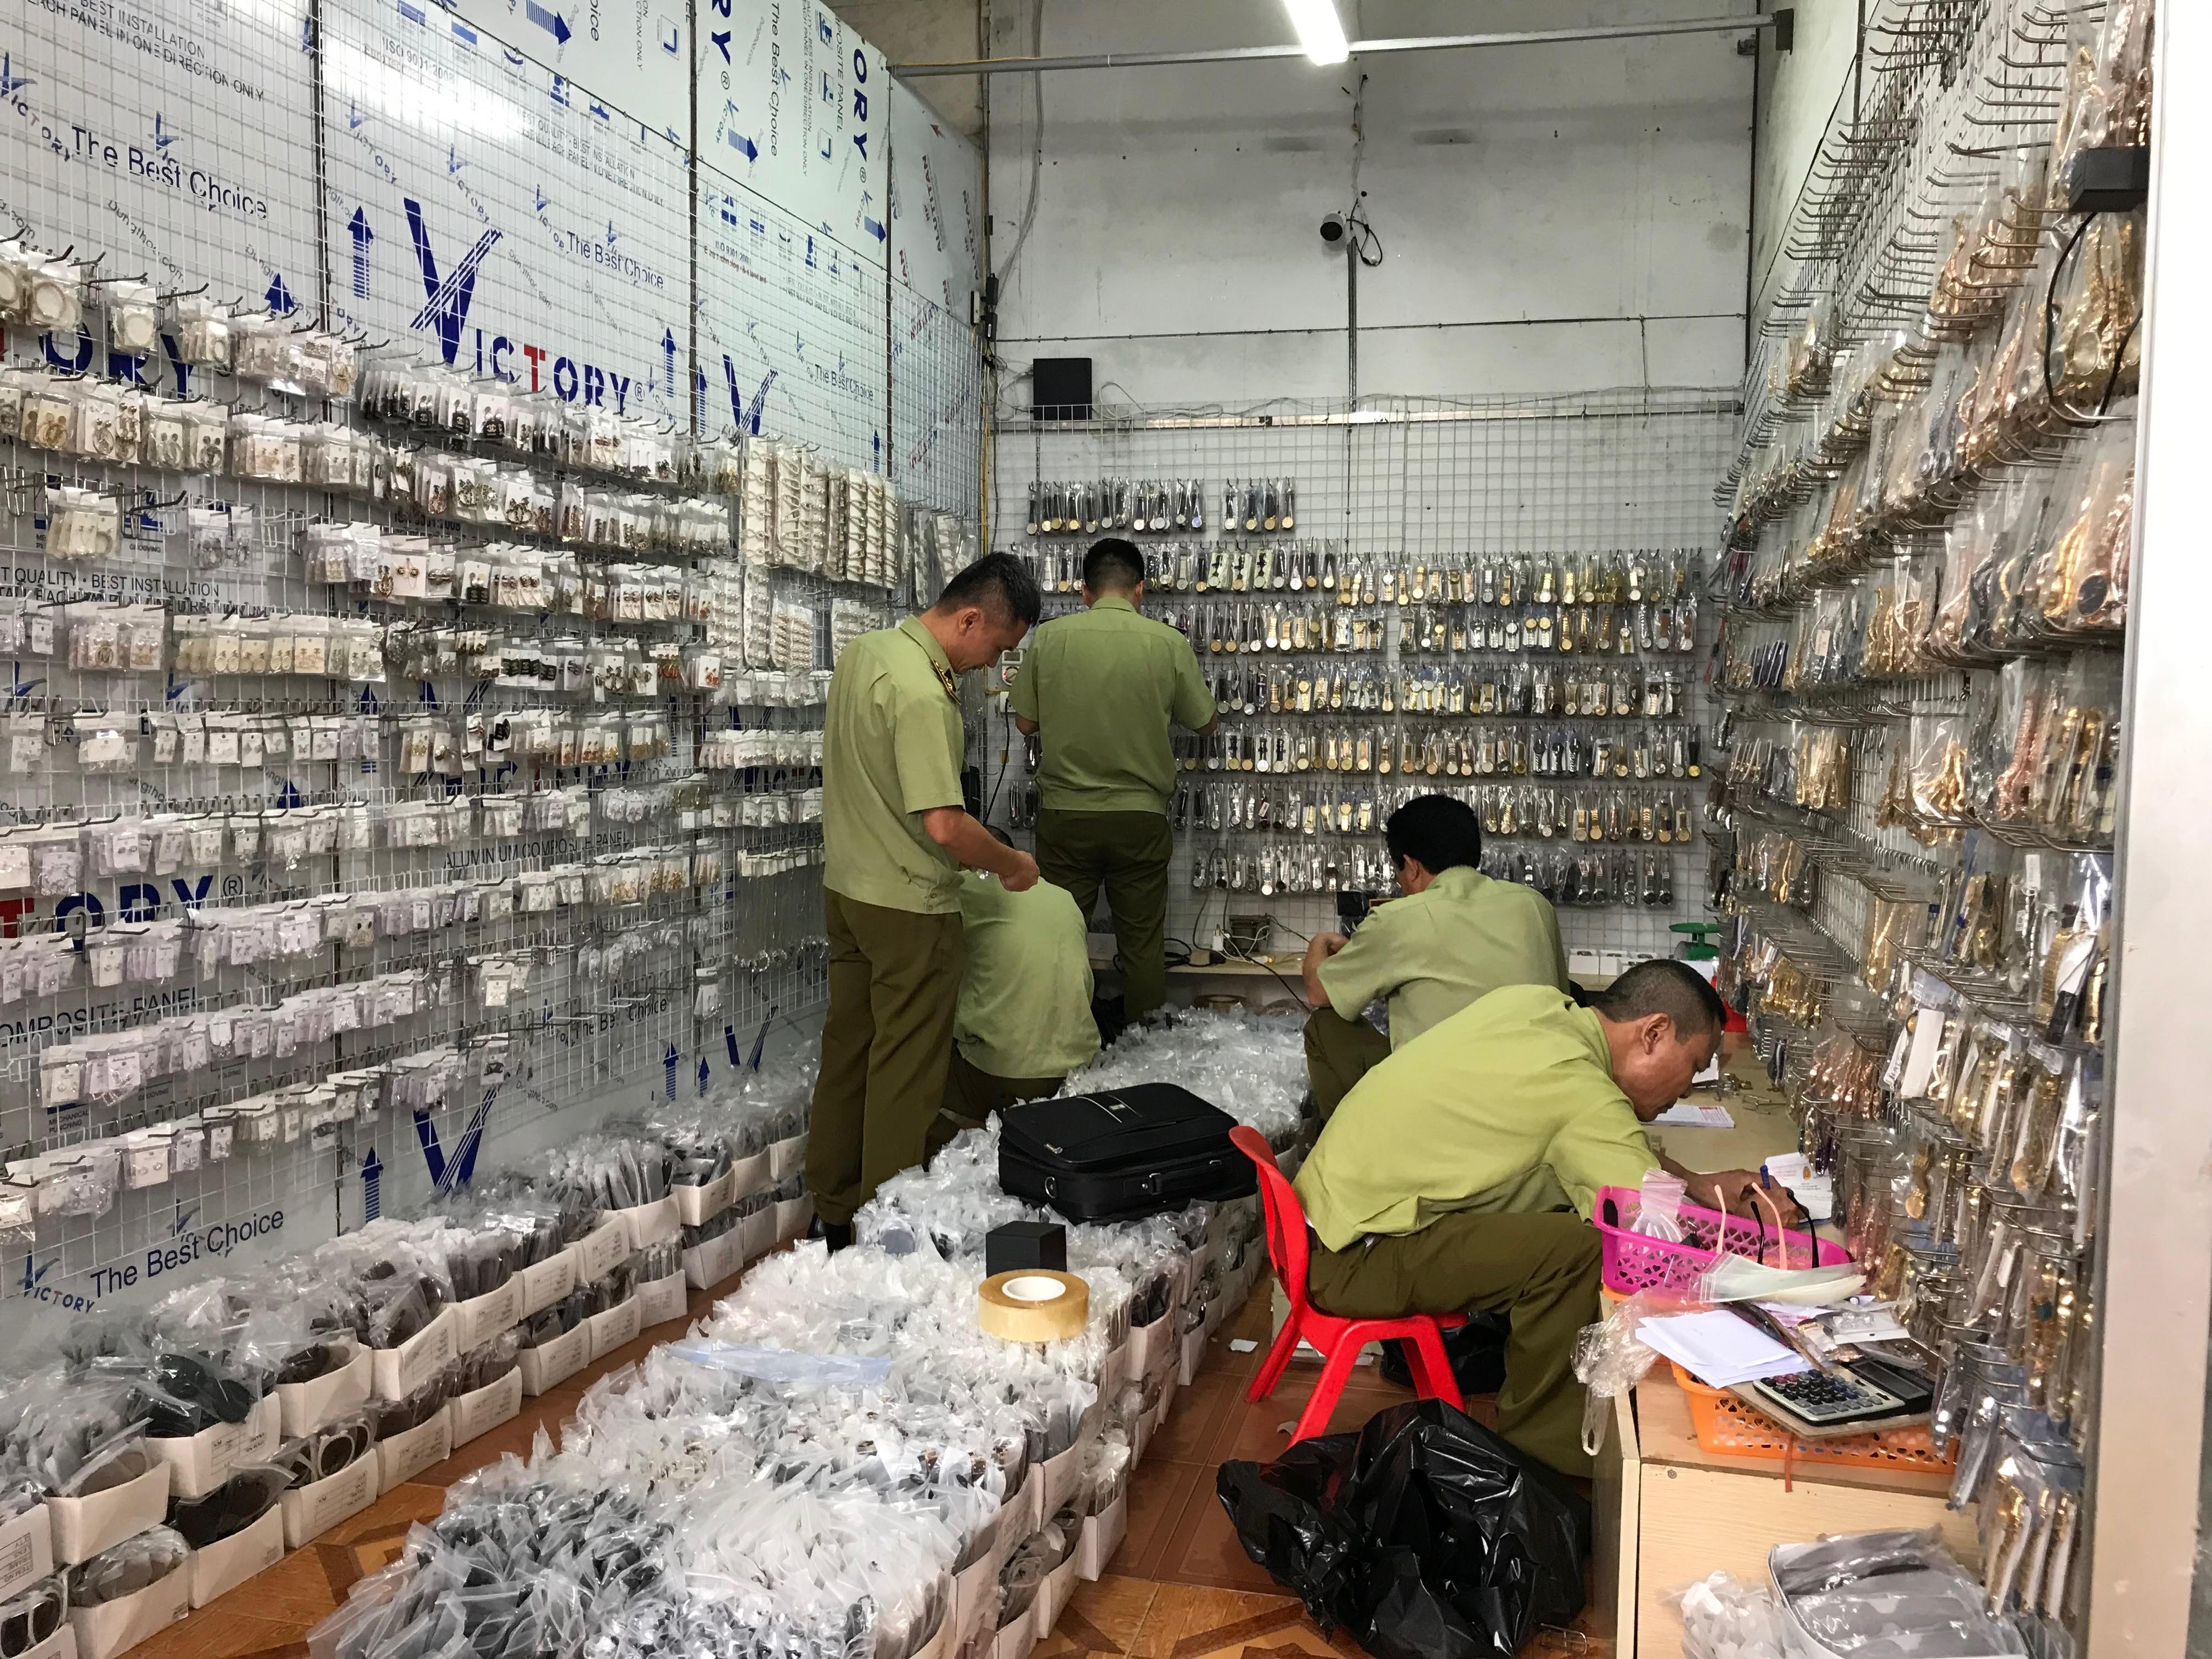 Hàng nghìn sản phẩm giả Hublot, Dior, LV… bị thu giữ tại Hà Nội